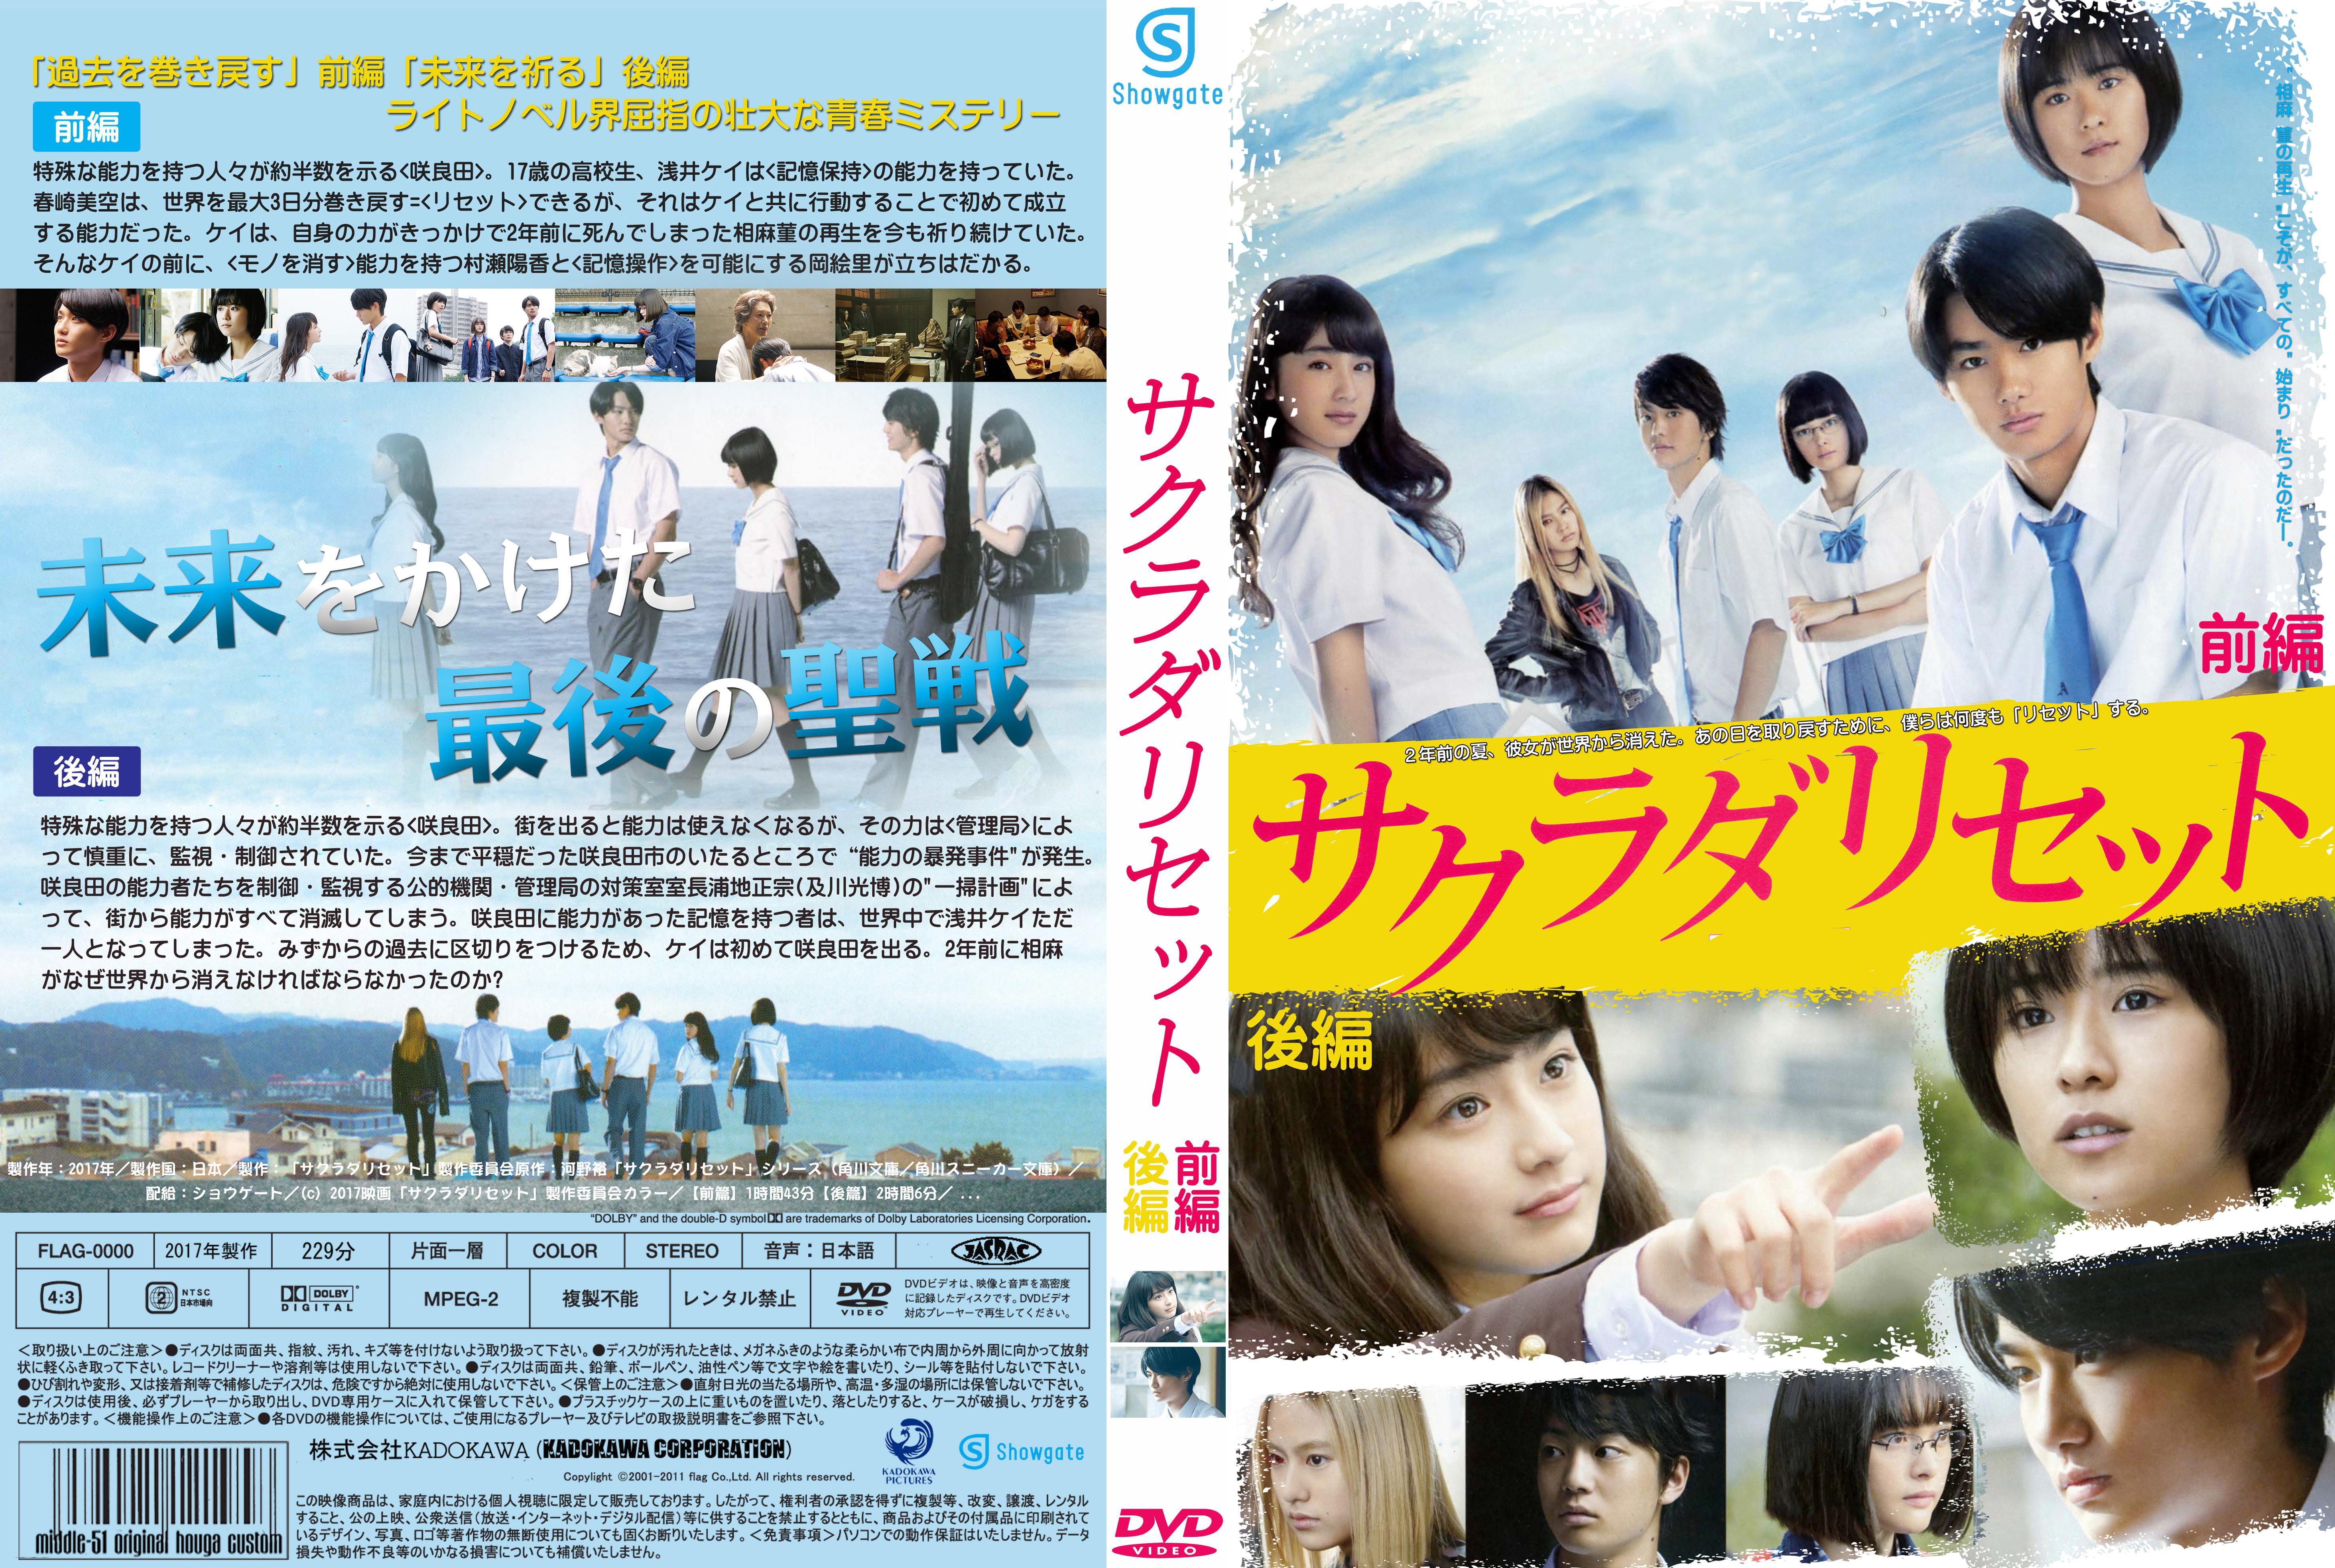 サクラダリセット DVD 14mmジャケット